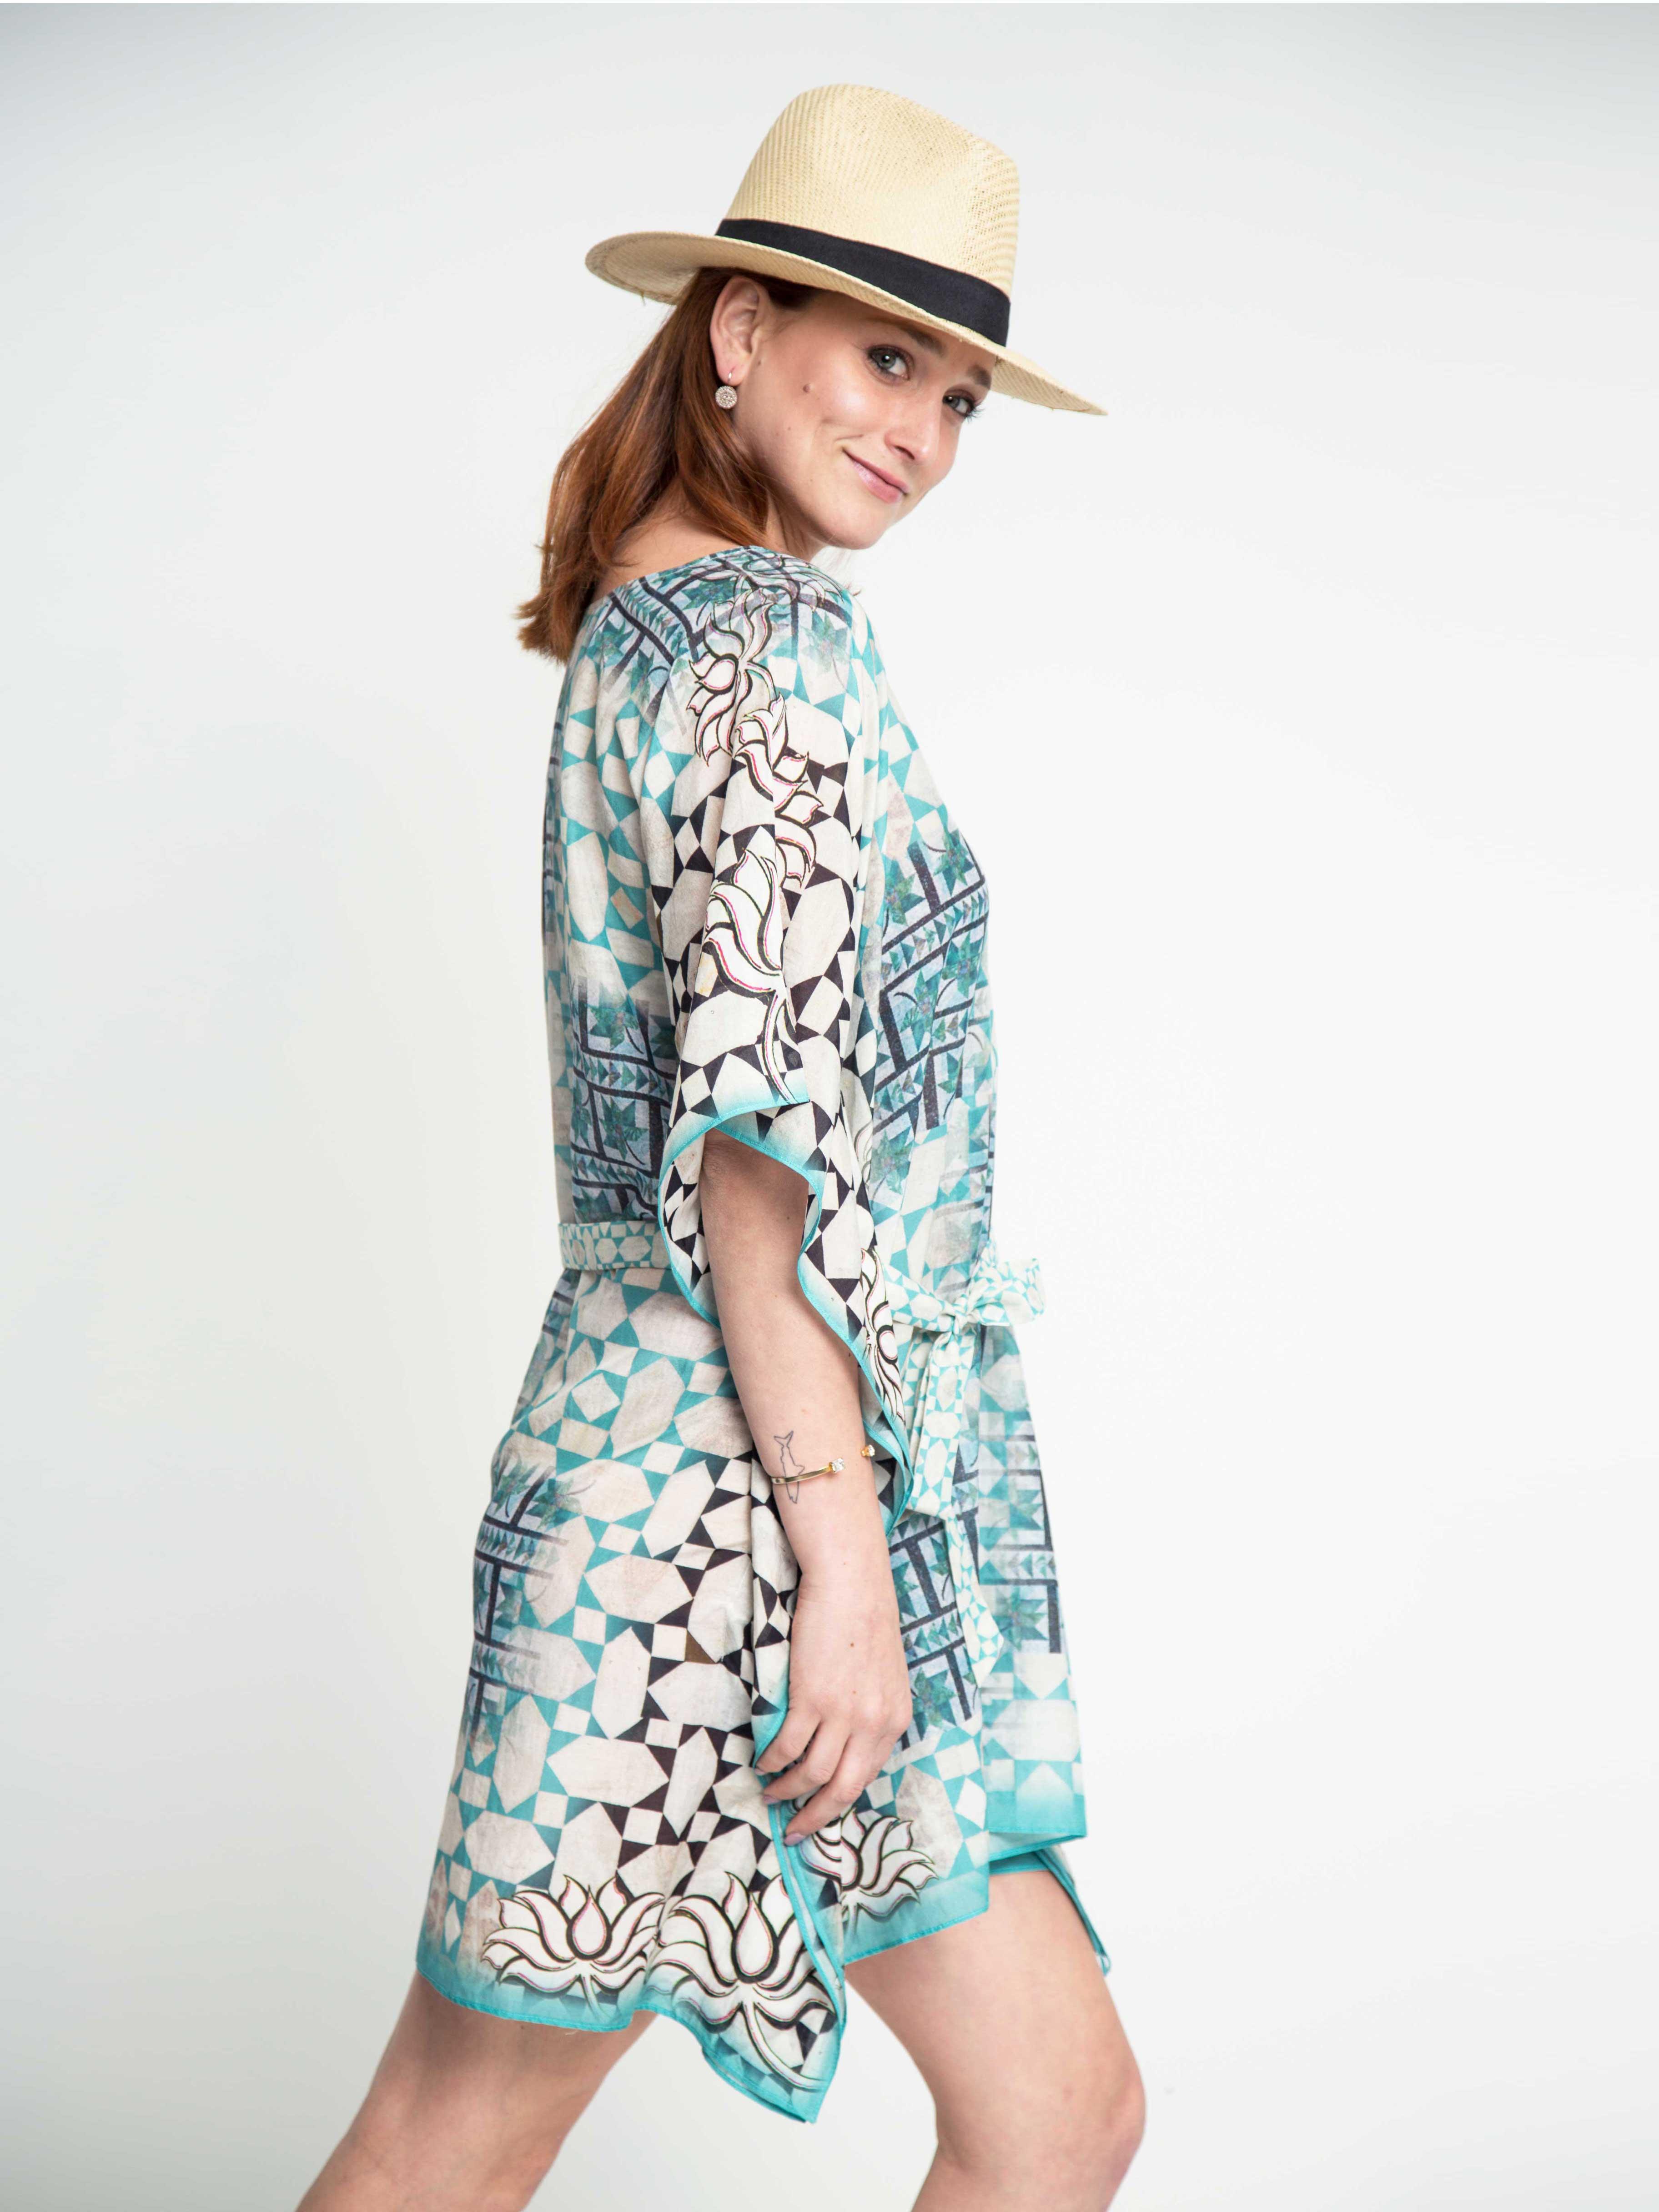 caftan-silkdress-shortdress-loungewear-dresstobrunch-belteddress-swimwear-luxuryfashion-maati